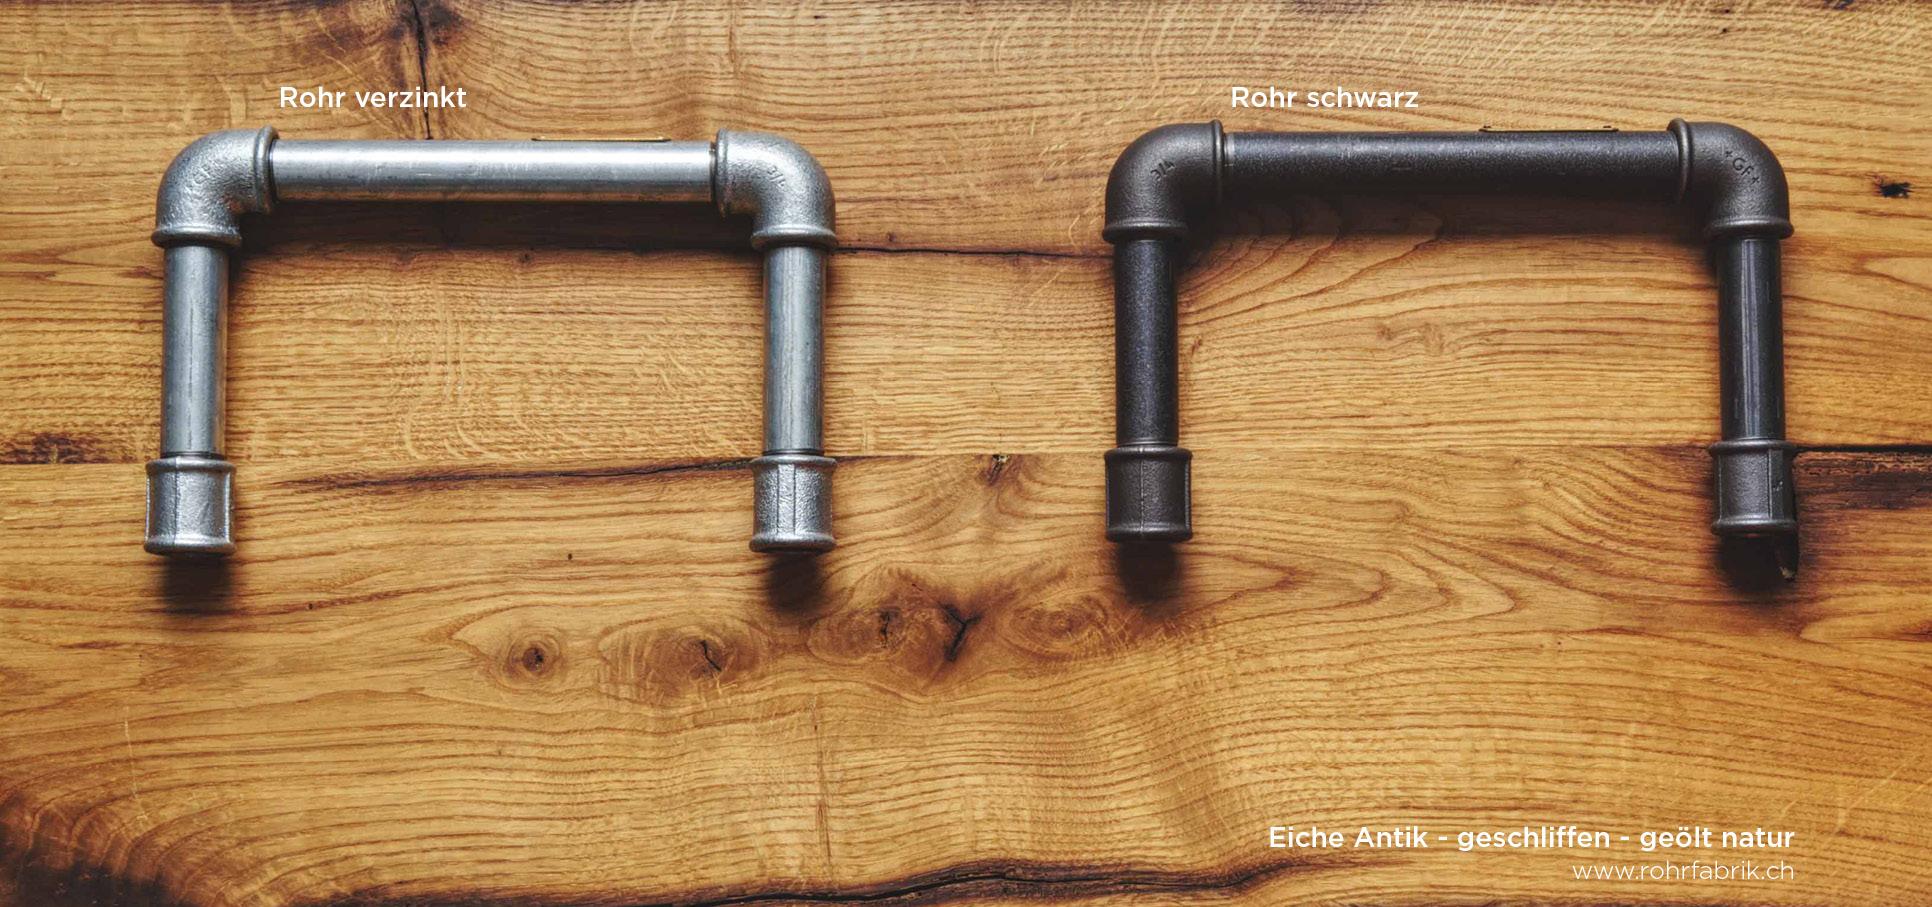 rohrfabrik-massivholz-tablar-eiche-alt-antik-geschliffen - geoelt-natur-design-metall-wasserrohr1.jpg